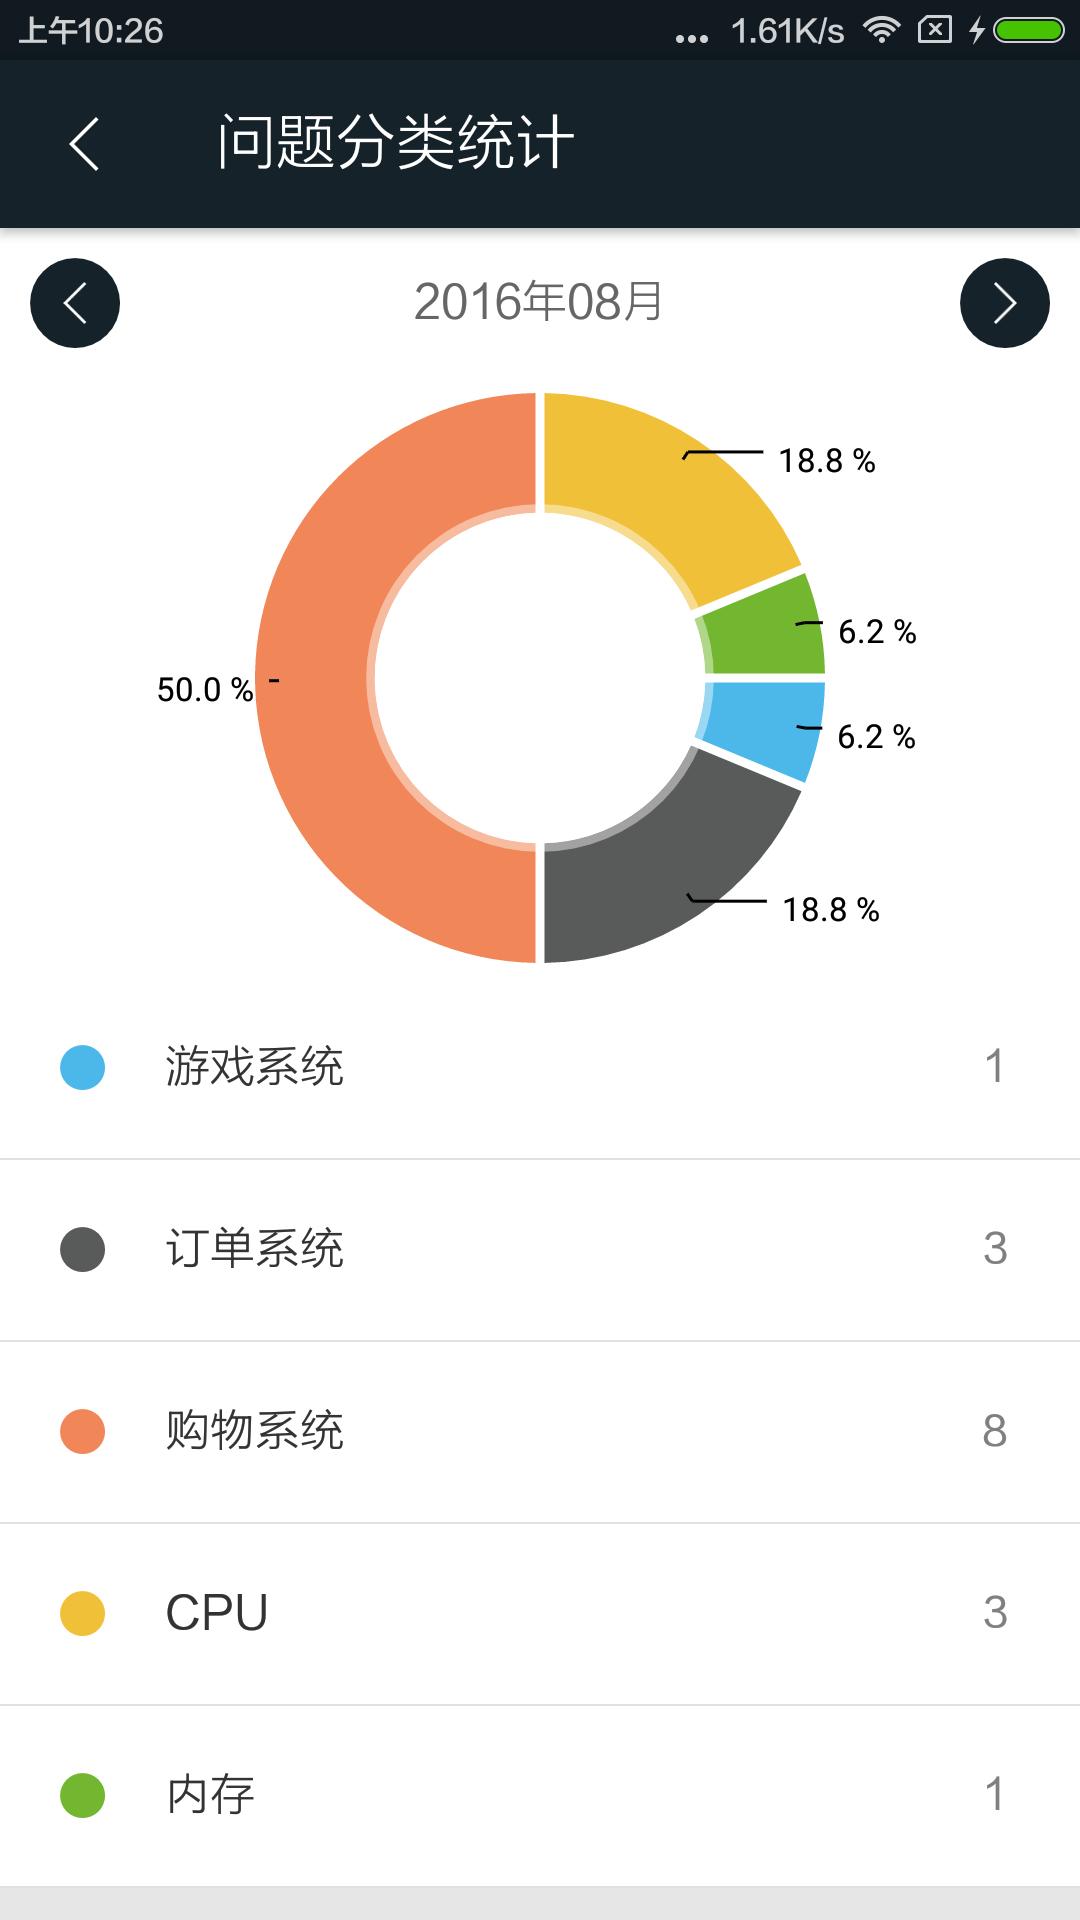 口袋小贝 v1.1.18 安卓版界面图1